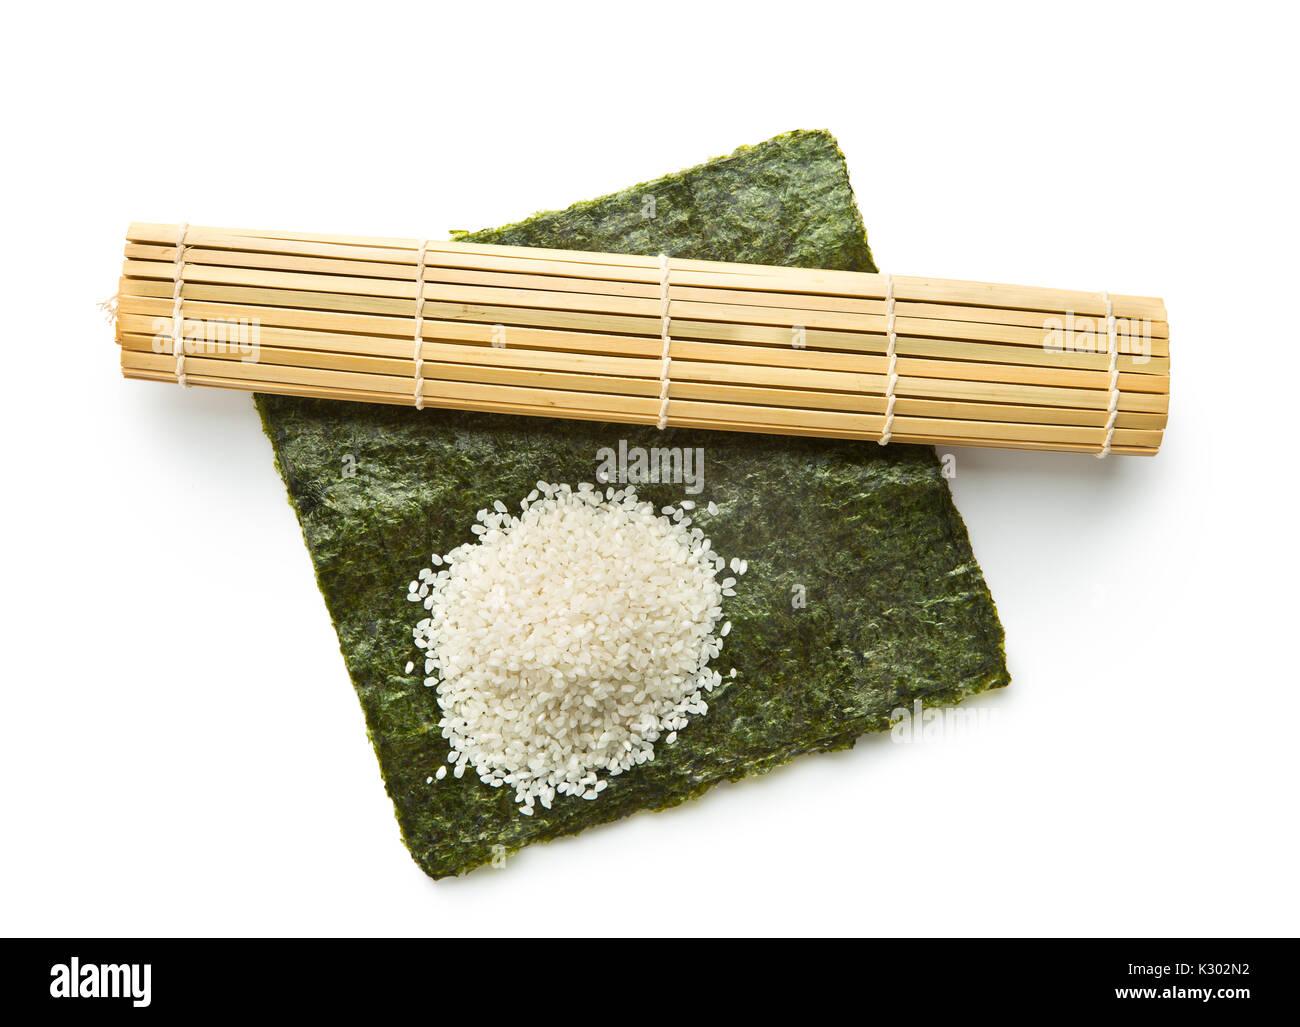 Green nori foglio , riso e tappetino di bambù isolati su sfondo bianco. Sushi ingredienti. Immagini Stock